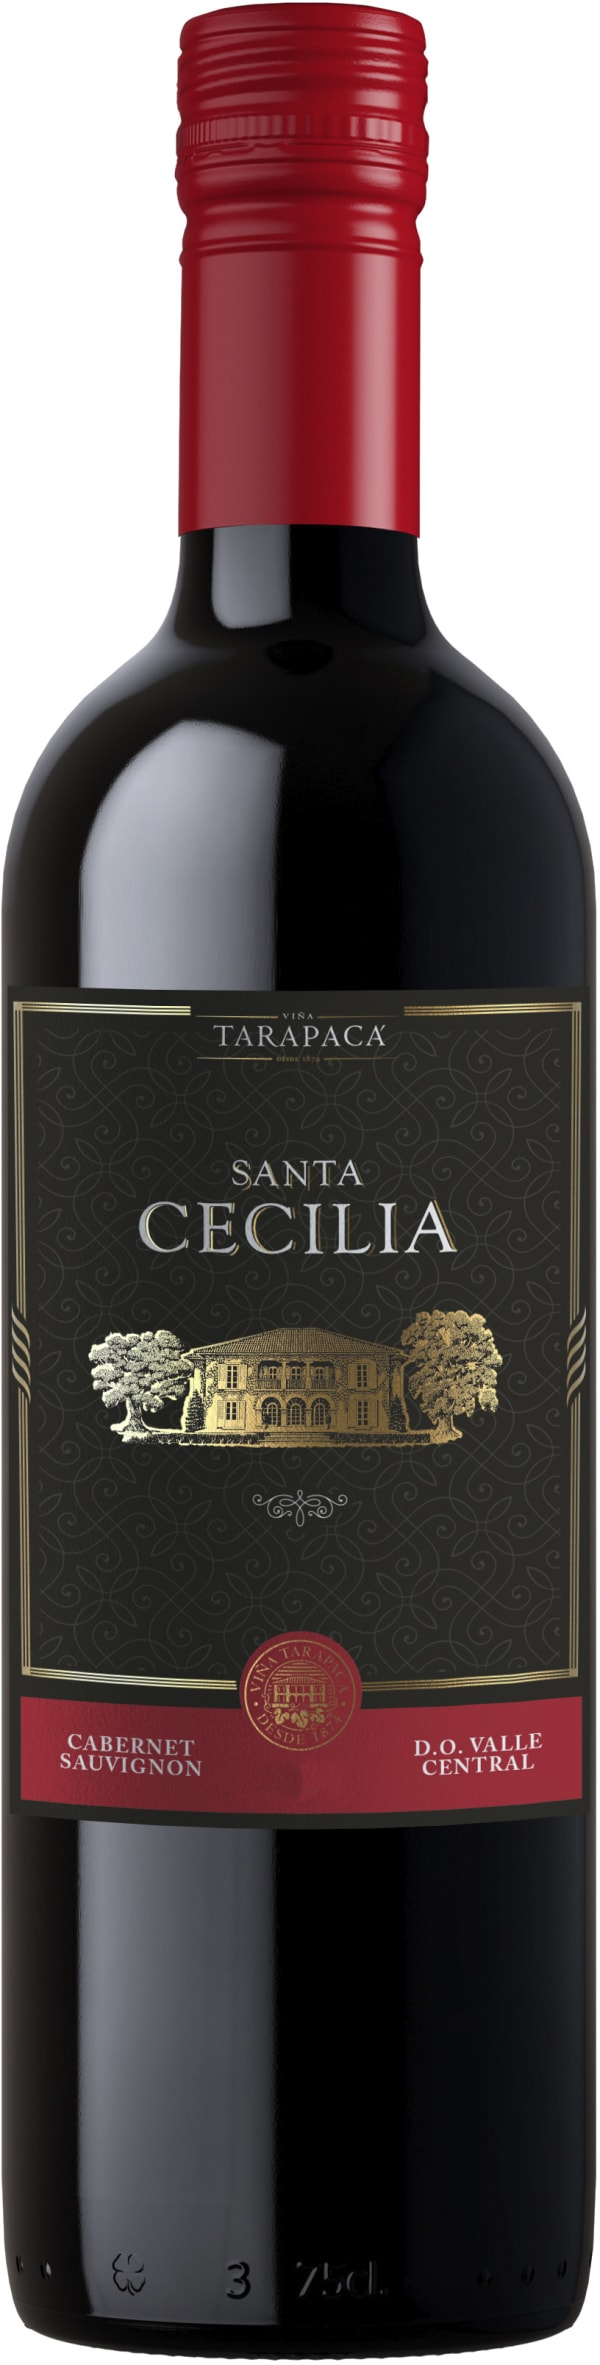 Tarapacá Santa Cecilia Cabernet Sauvignon 2017